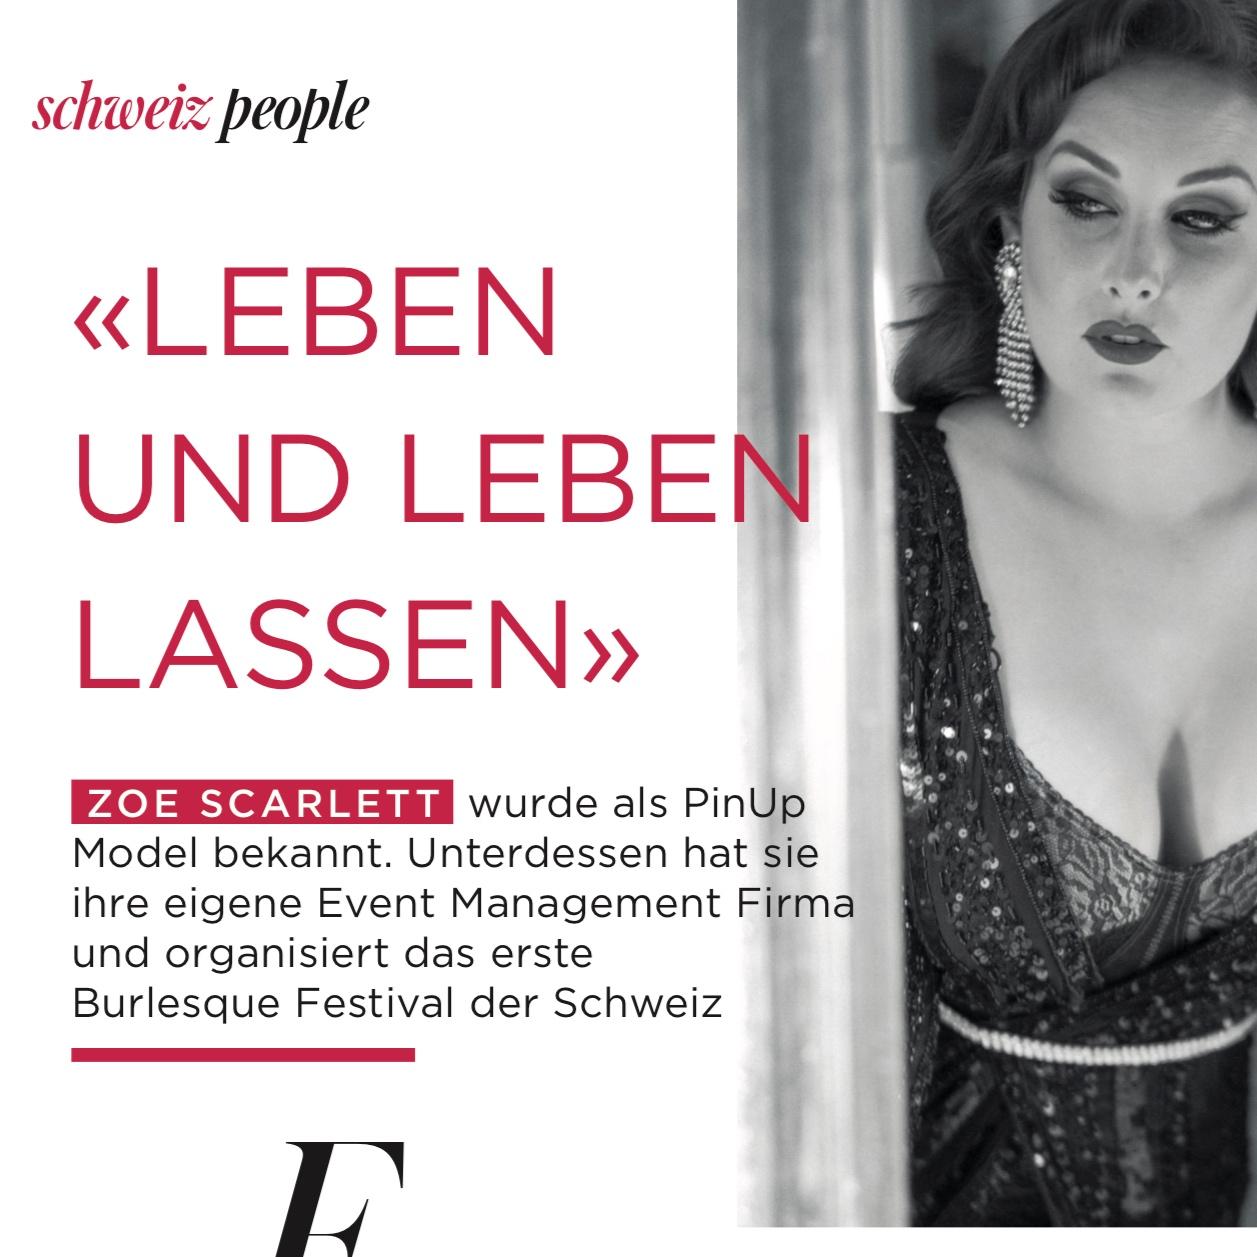 ZoeScarlett-Gala_2017_people.jpg